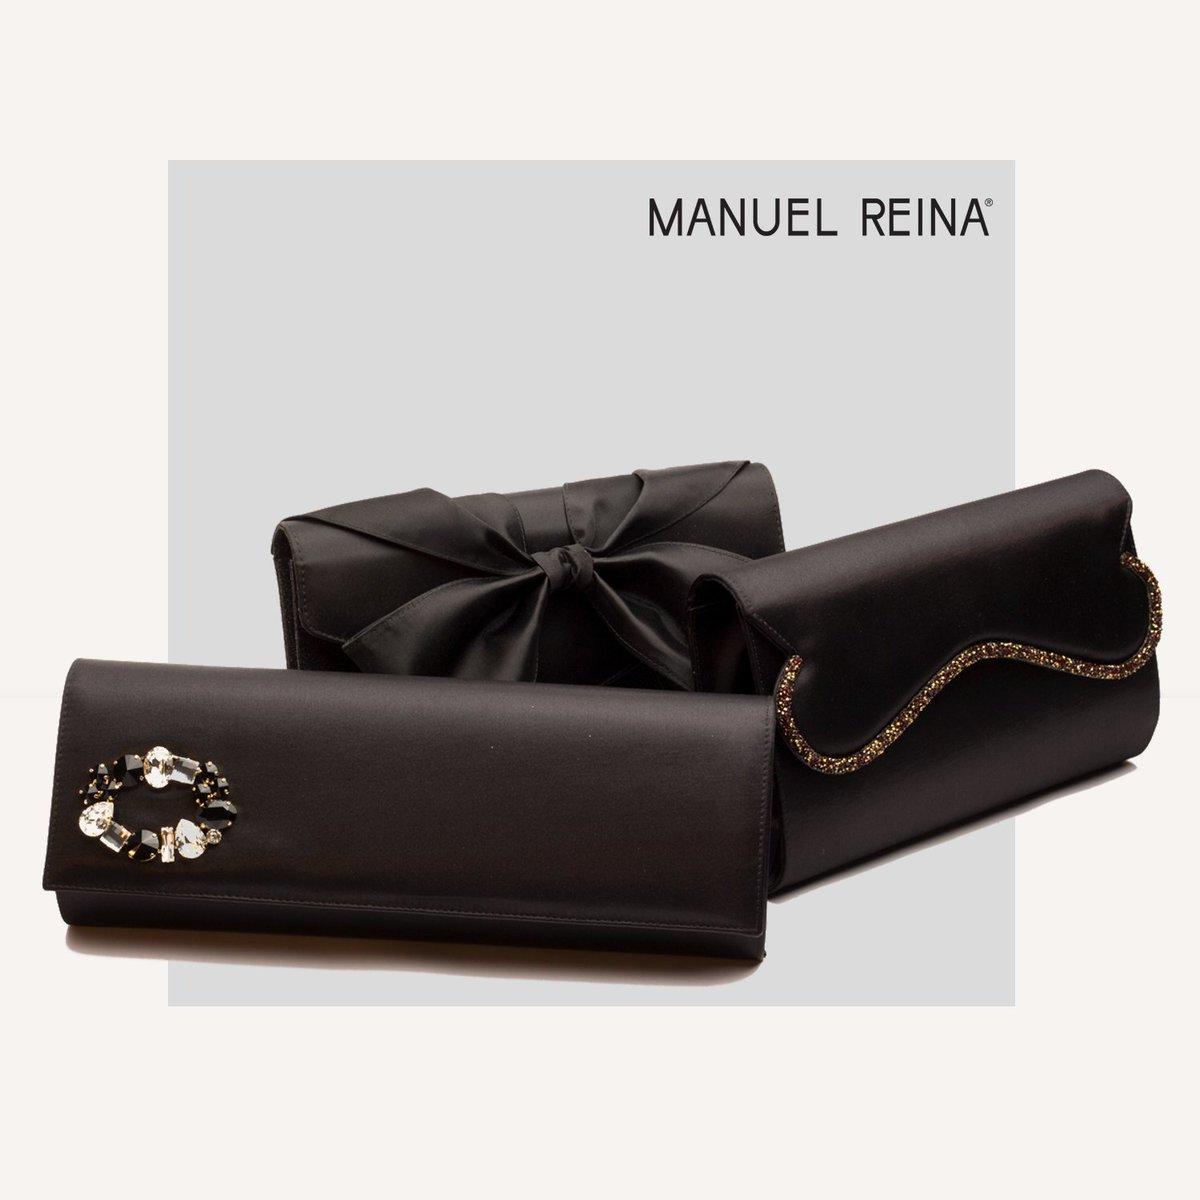 👛 Fabricados a mano artesanalmente ❤️•••#shop #bag #bags #sale #handbag #tas #กระเป #clutch #leather #backpack #hermes #fashionbag #boutique #tasmurah #store #shoponline #tasimport #shoes #online #slingbag #wallet #totebag #jualtas #leatherbag #shoulderbag #ขาย #tasbagus